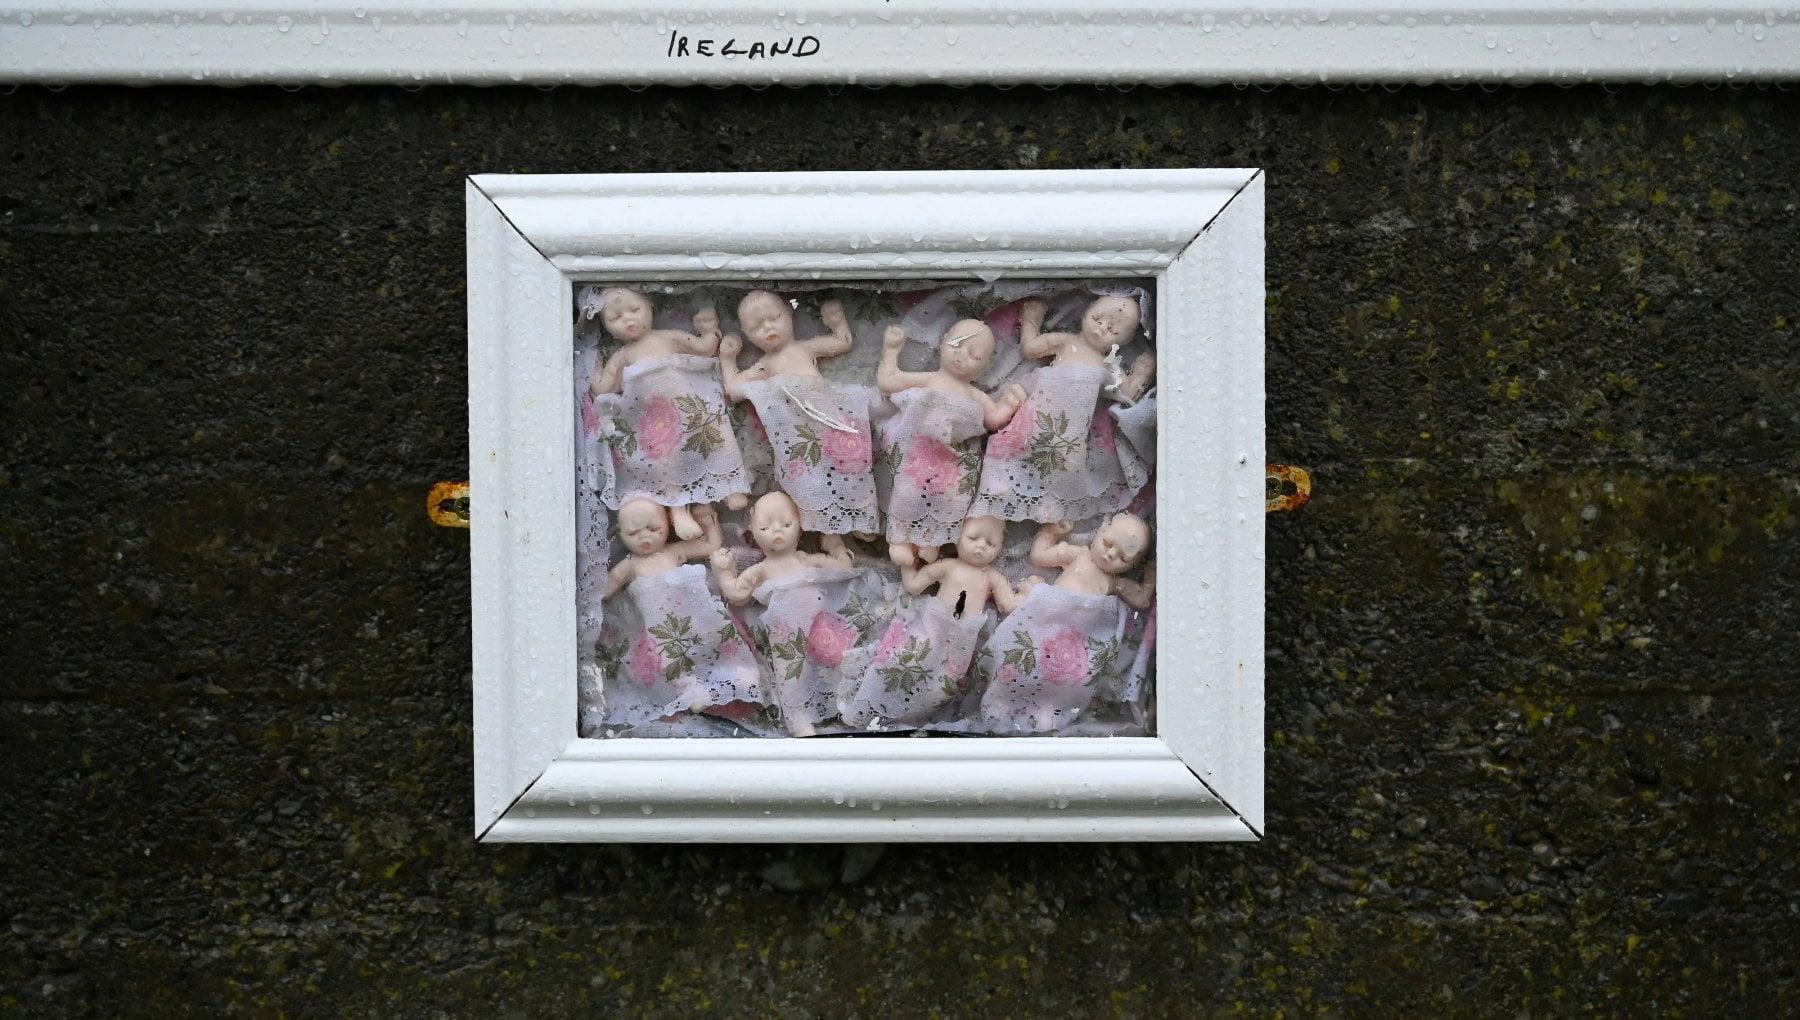 203742560 26c6590d fd4d 486d 9fbf 5fca221b188d - Irlanda, rapporto shock su abusi e morti nelle case famiglia